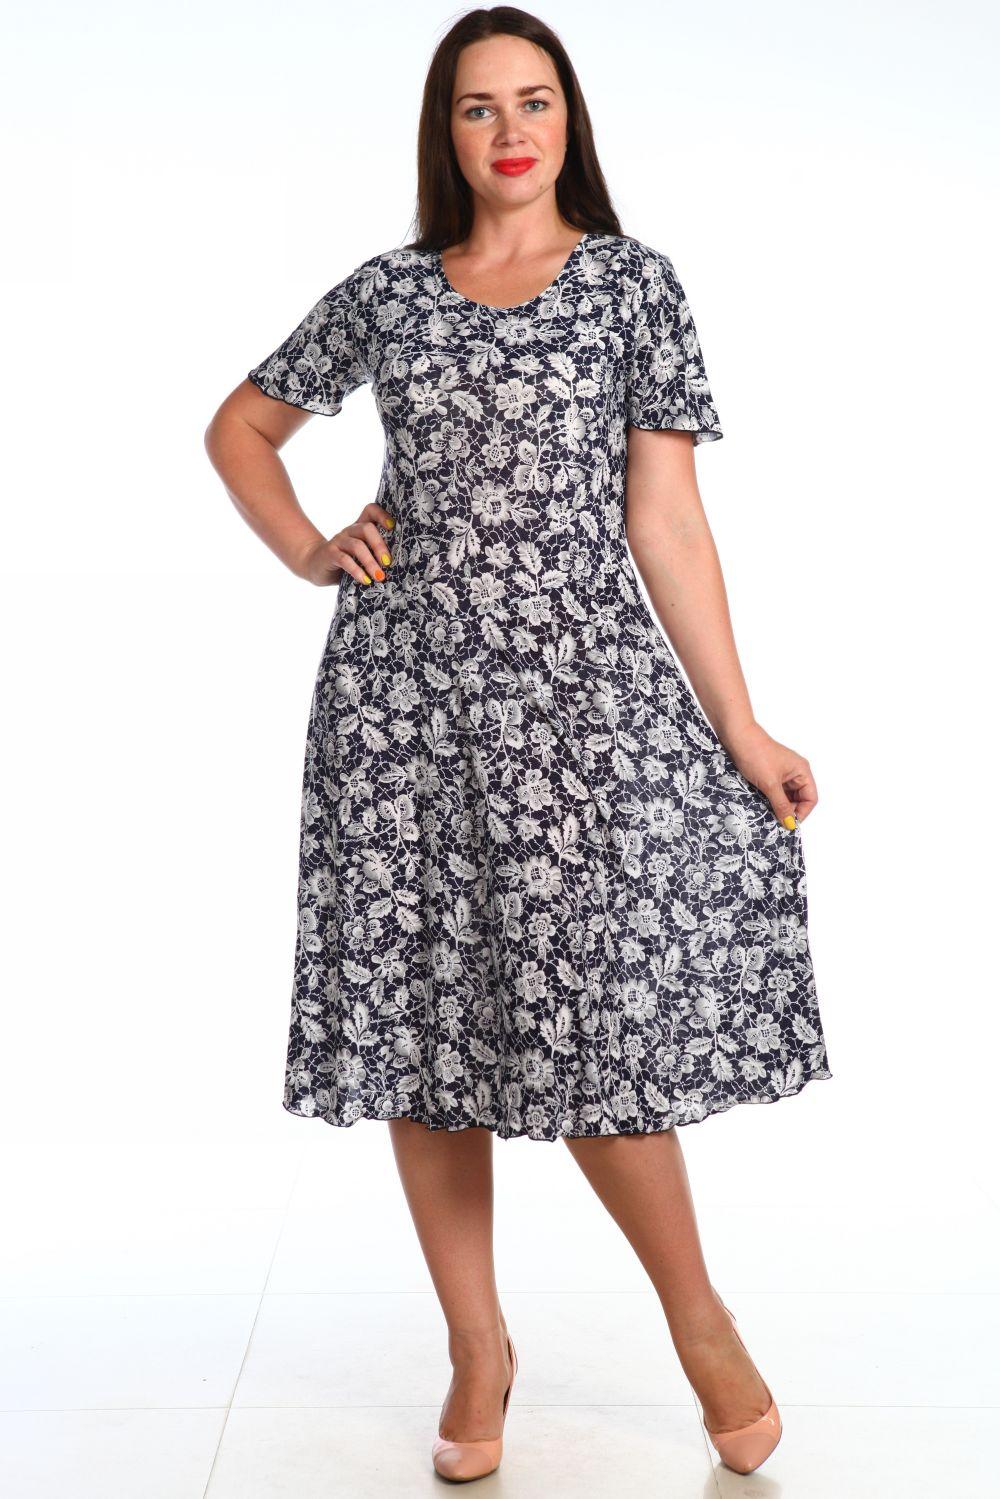 Платье женское Рузанна с коротким рукавомКоллекция ВЕСНА-ЛЕТО<br><br><br>Размер: Бежевый